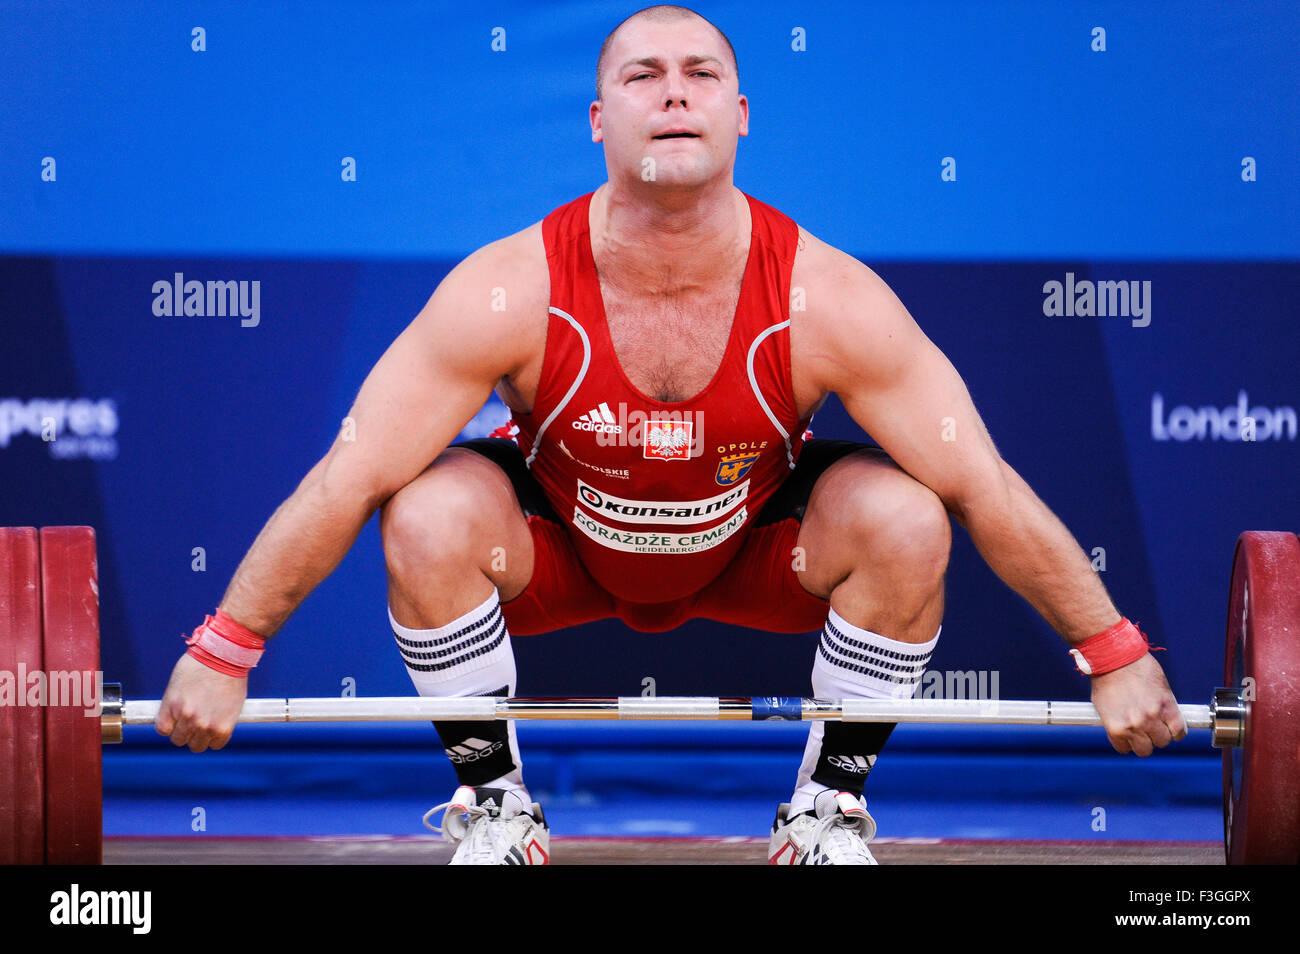 Bartlomiej BONK (POL) a strappo, il London prepara il sollevamento pesi olimpico Evento di prova, ExCel Arena, Londra, Immagini Stock